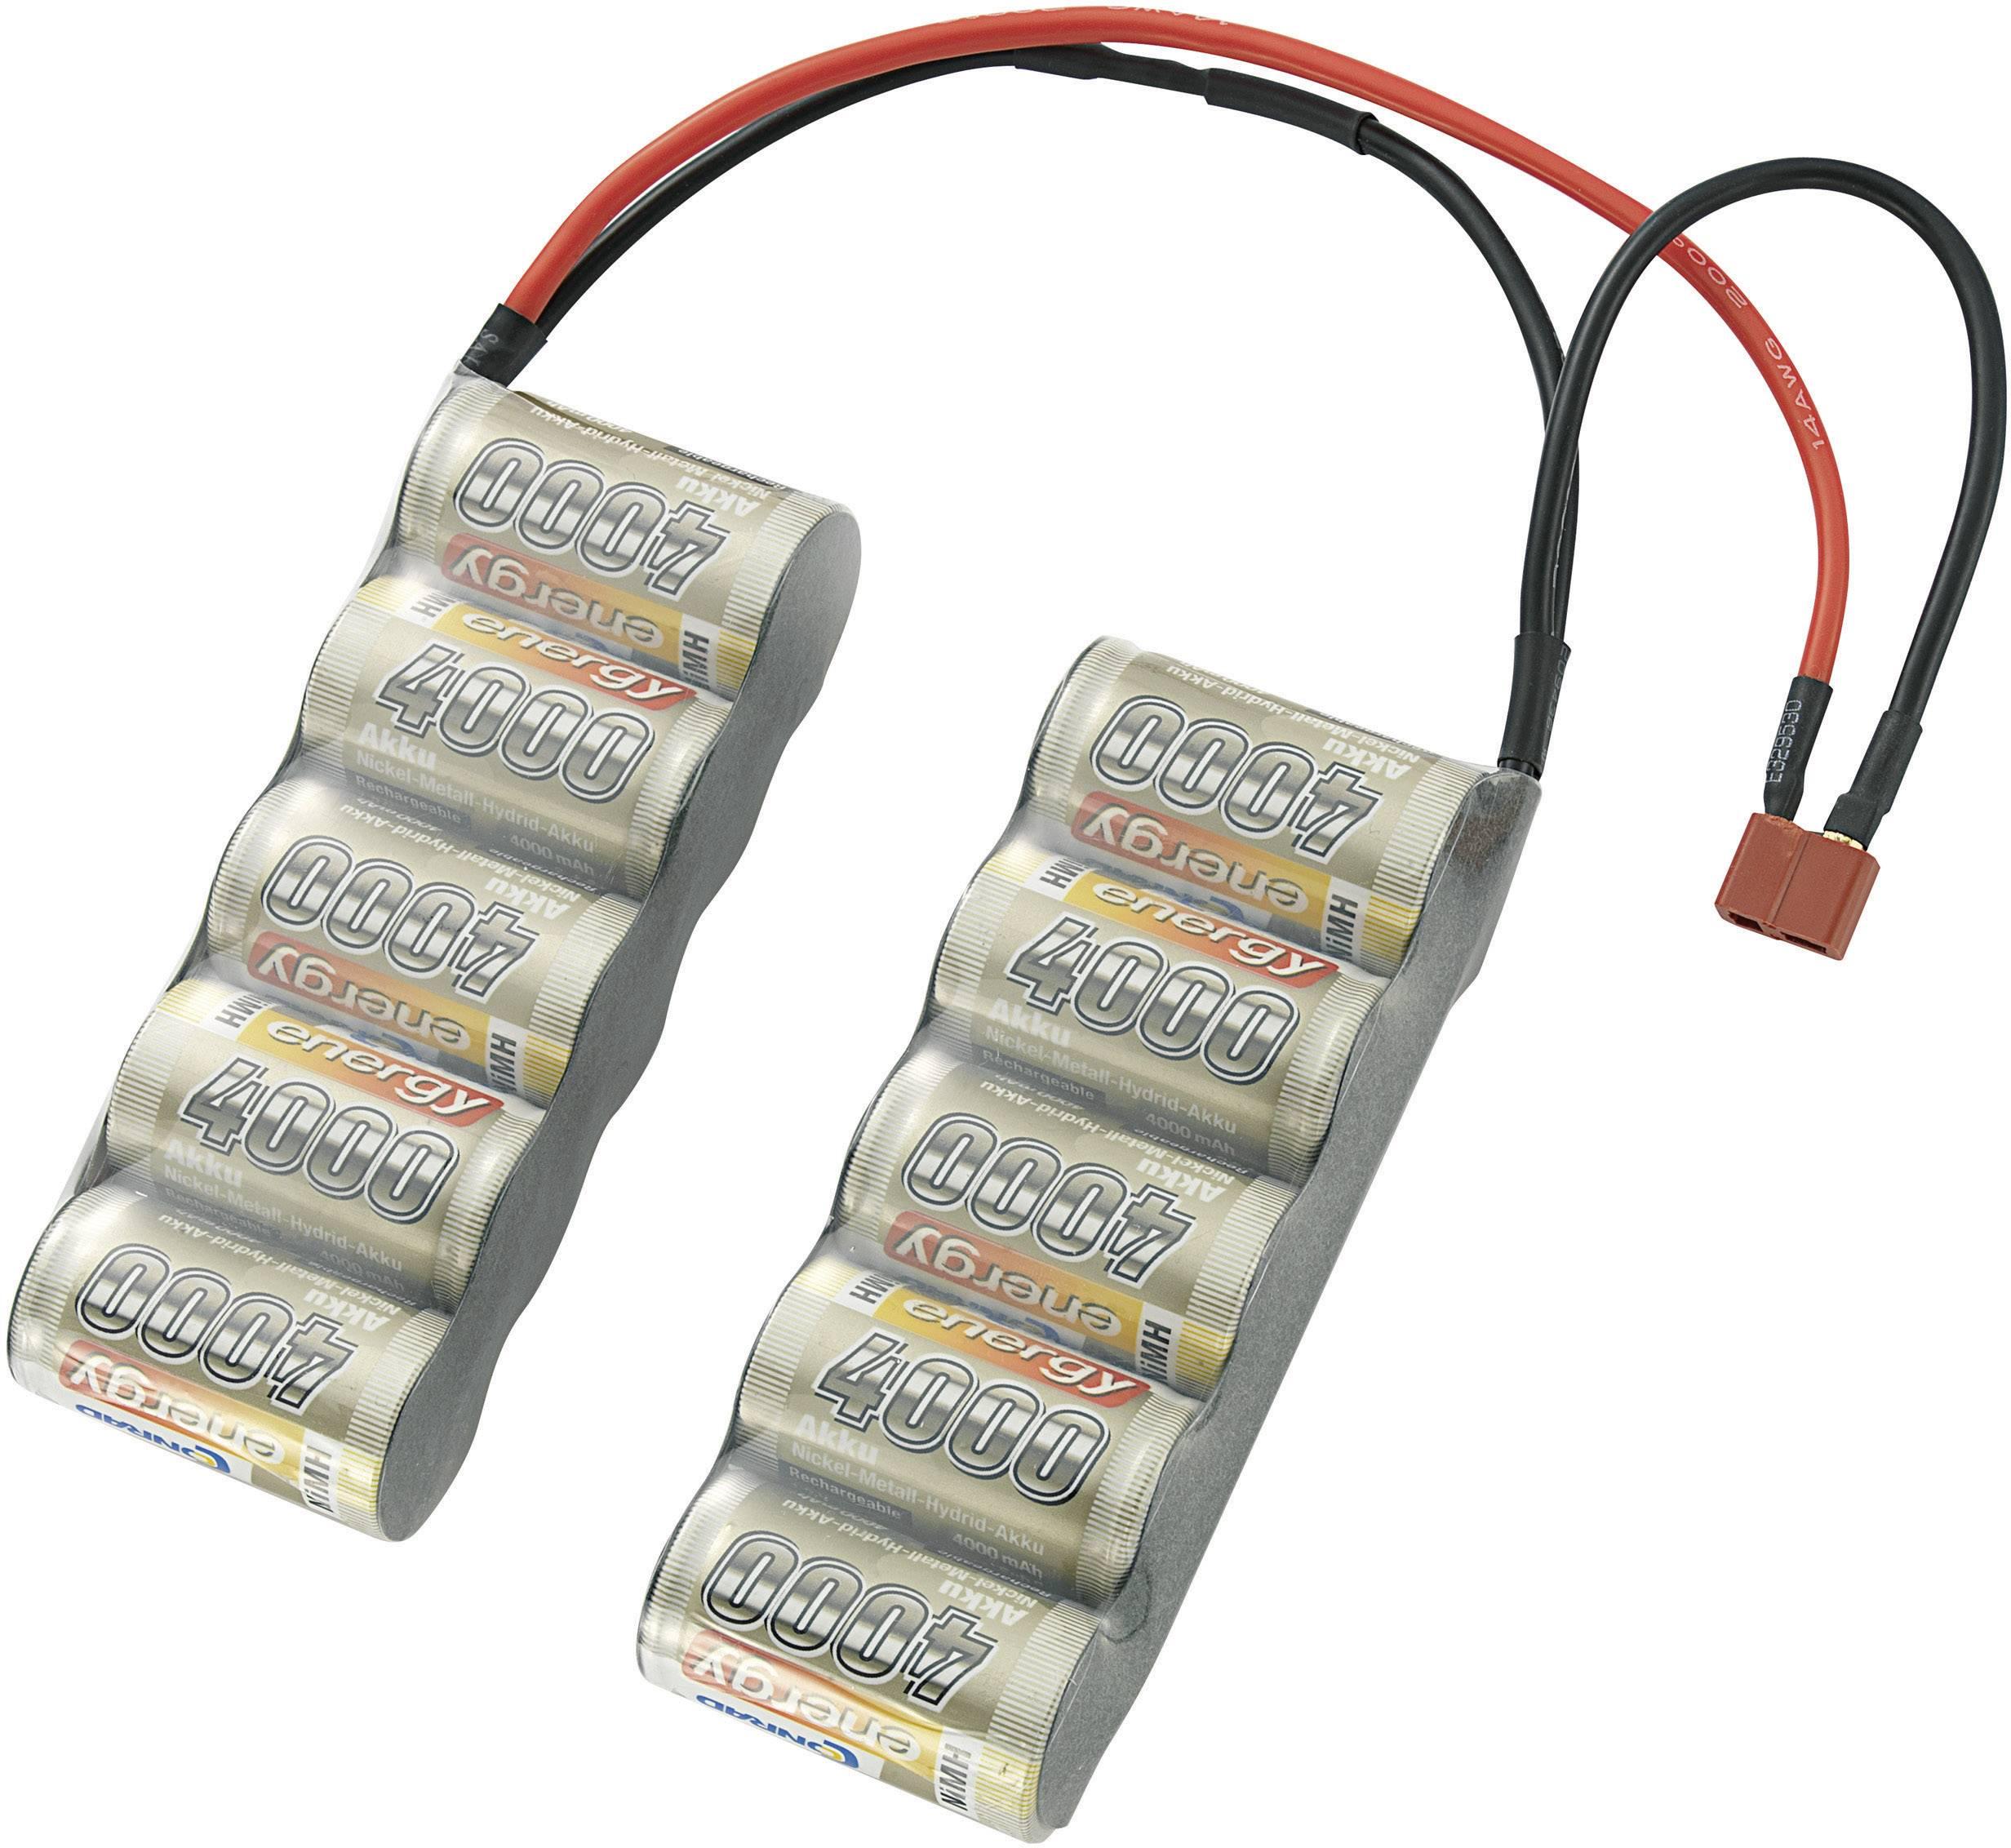 Akupack NiMH Conrad energy 209314, 12 V, 4000 mAh